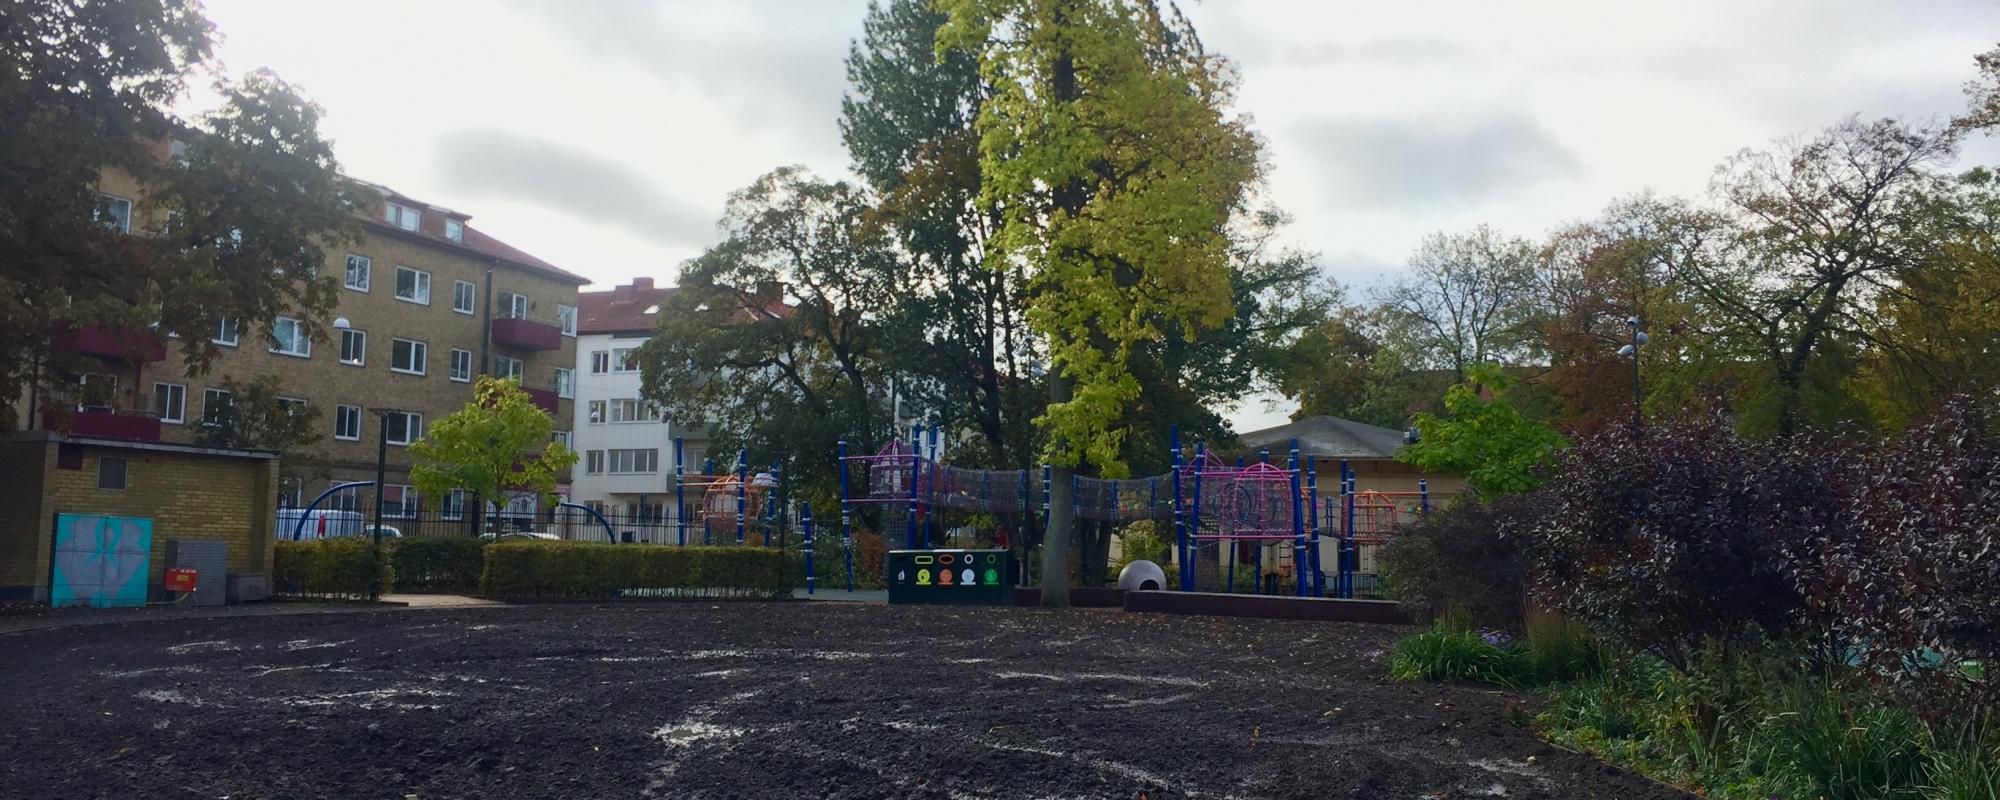 En yta som är täckt av jord. I bakgrunden skymtar en lekplats.